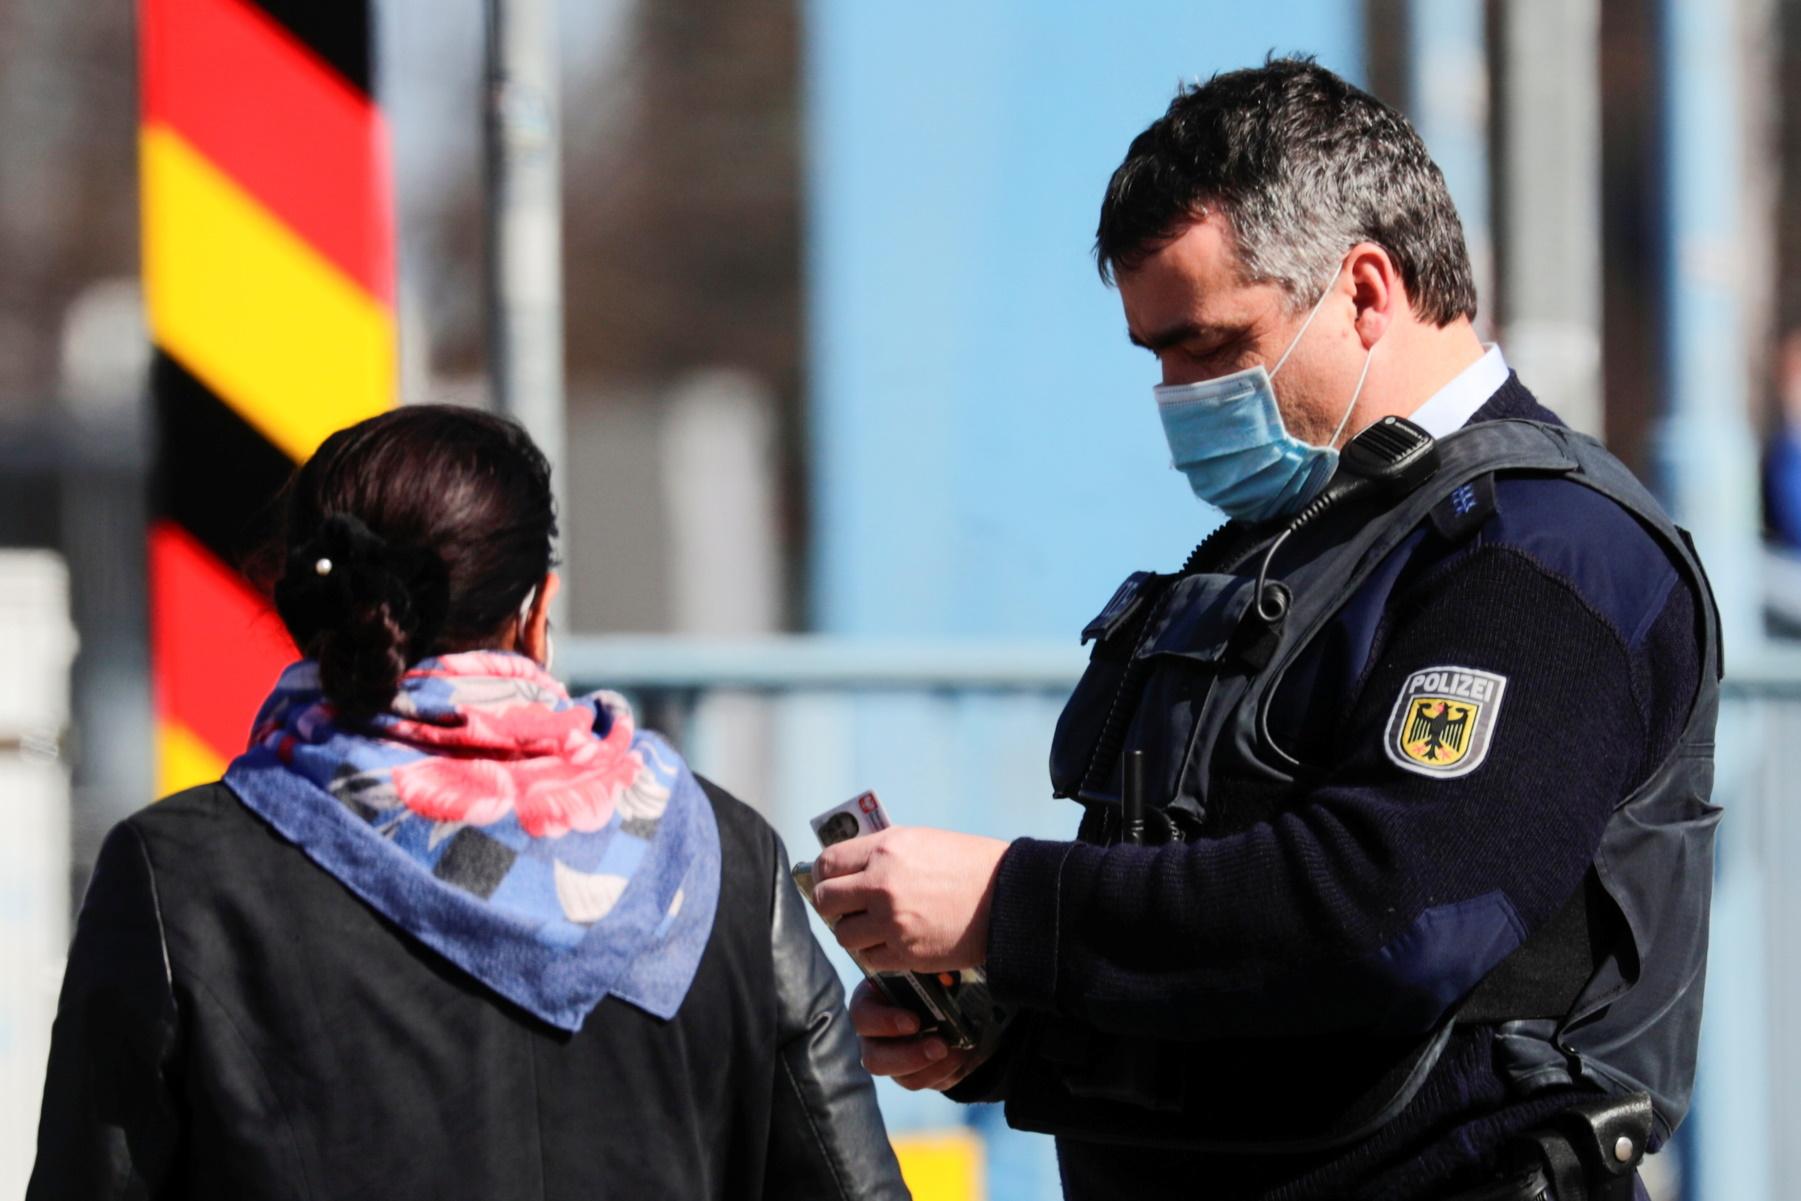 Γερμανία: Δυσφορία για κλειστές εκκλησίες και σκληρό lockdown το Πάσχα – «Καρφιά» για Μέρκελ